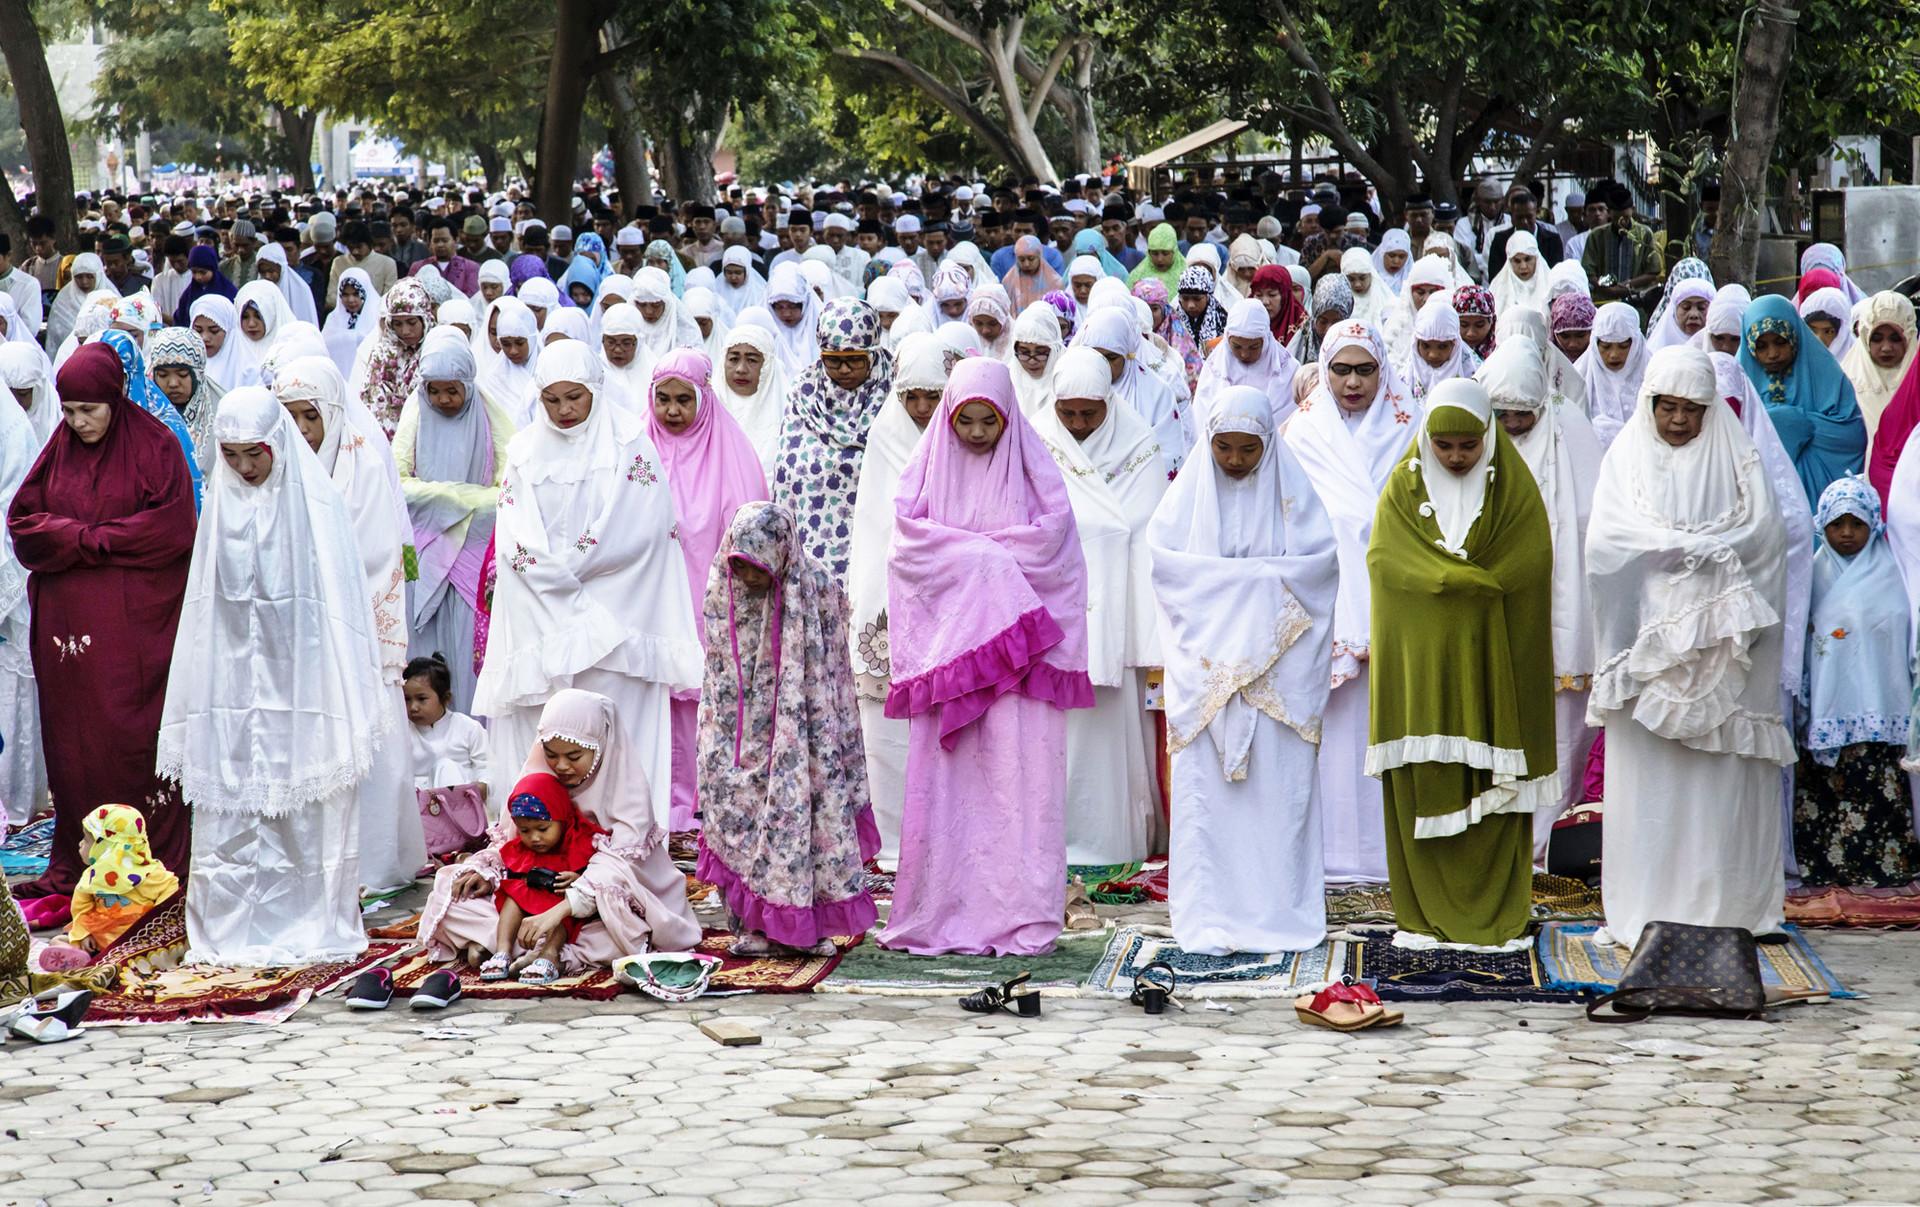 Umat Islam melaksanakan salat Id di Palu, Sulawesi Tengah.